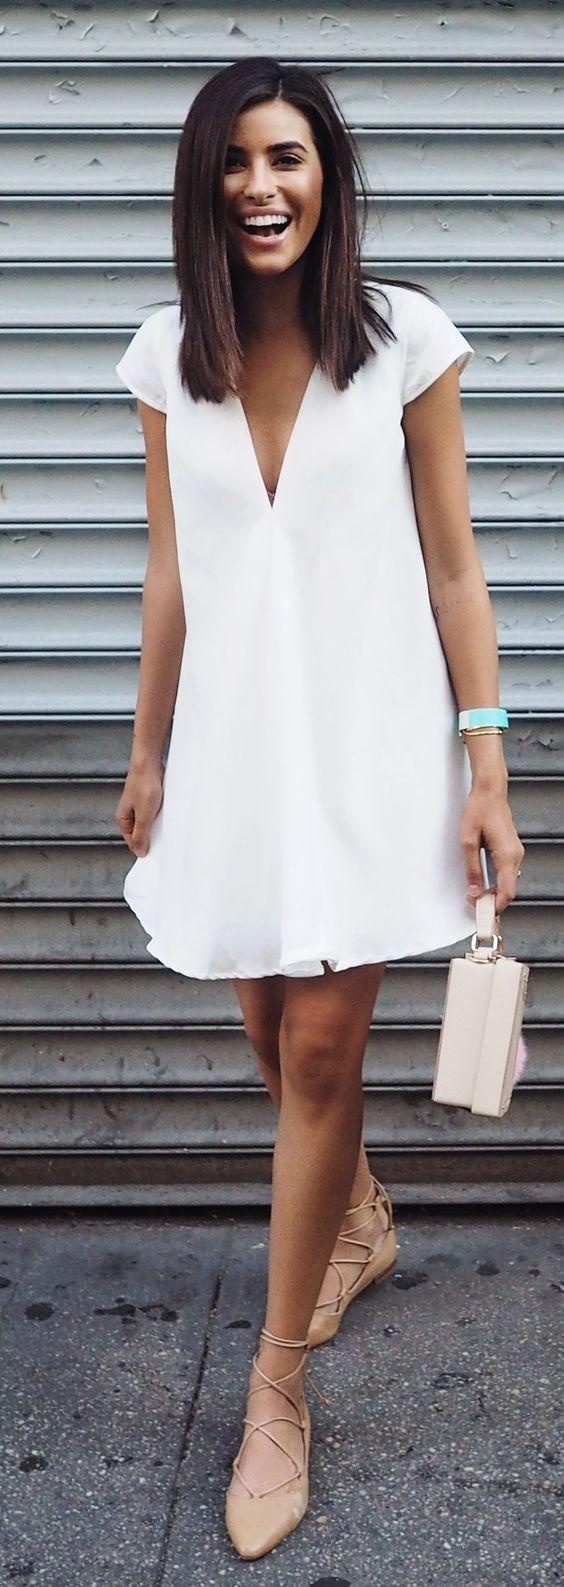 Vestito bianco a camicie (Love), ballerine allacciate beige (Mango).